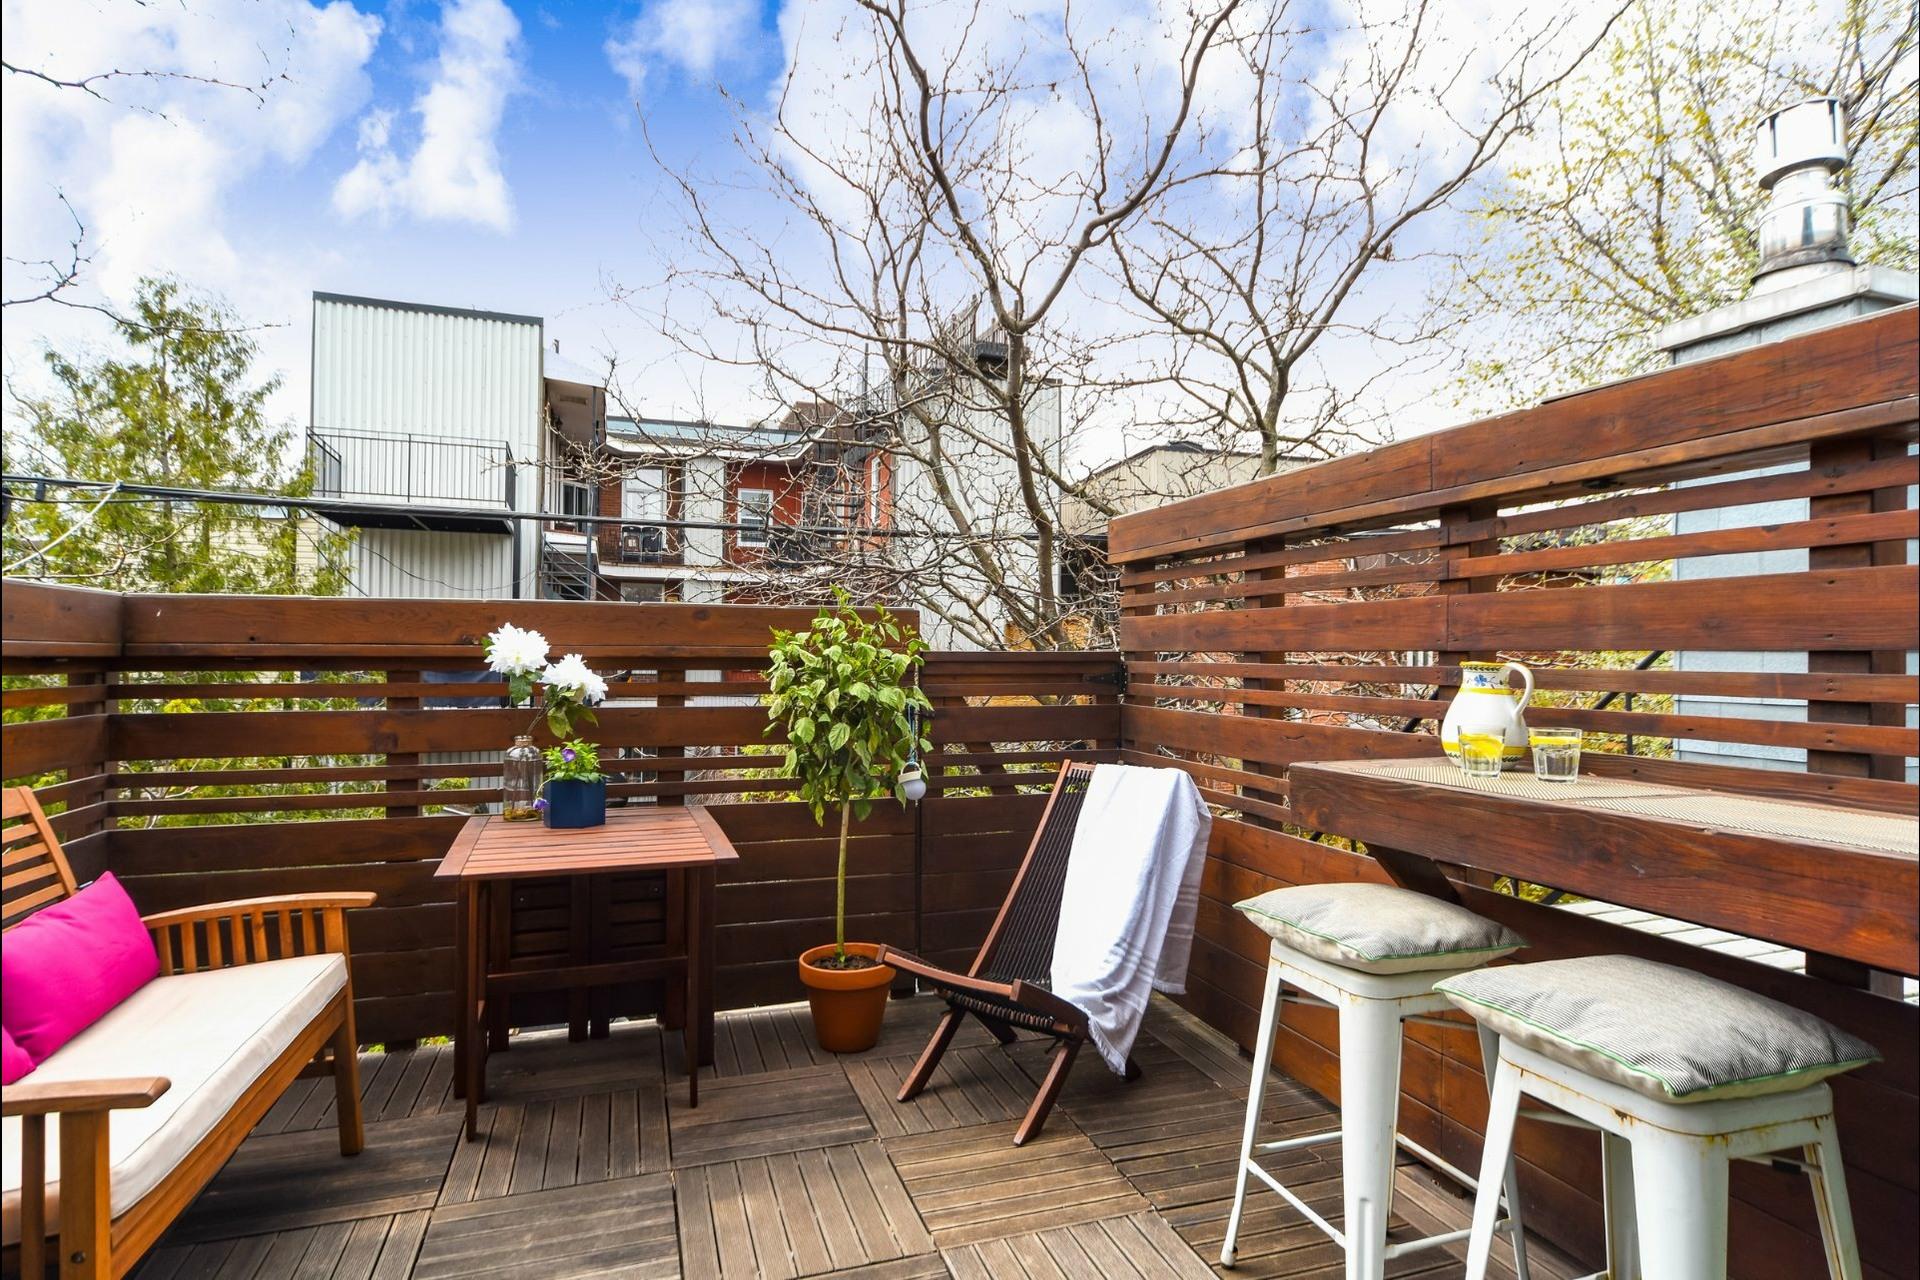 image 6 - 公寓 出售 Le Plateau-Mont-Royal Montréal  - 6 室